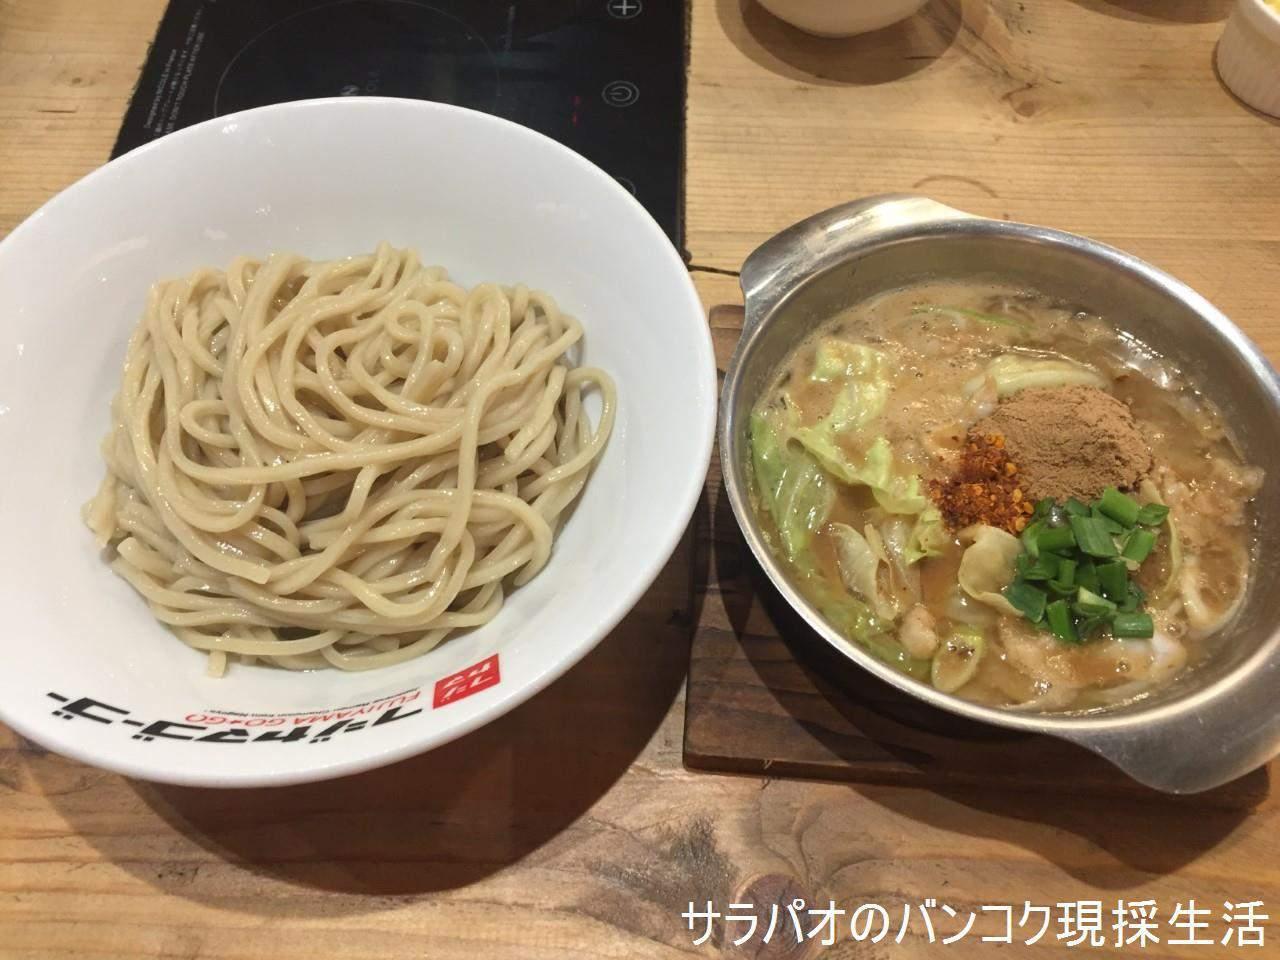 フジヤマ55はタイで一番美味しい魚介系つけ汁が特徴のつけ麺店 in プロンポン